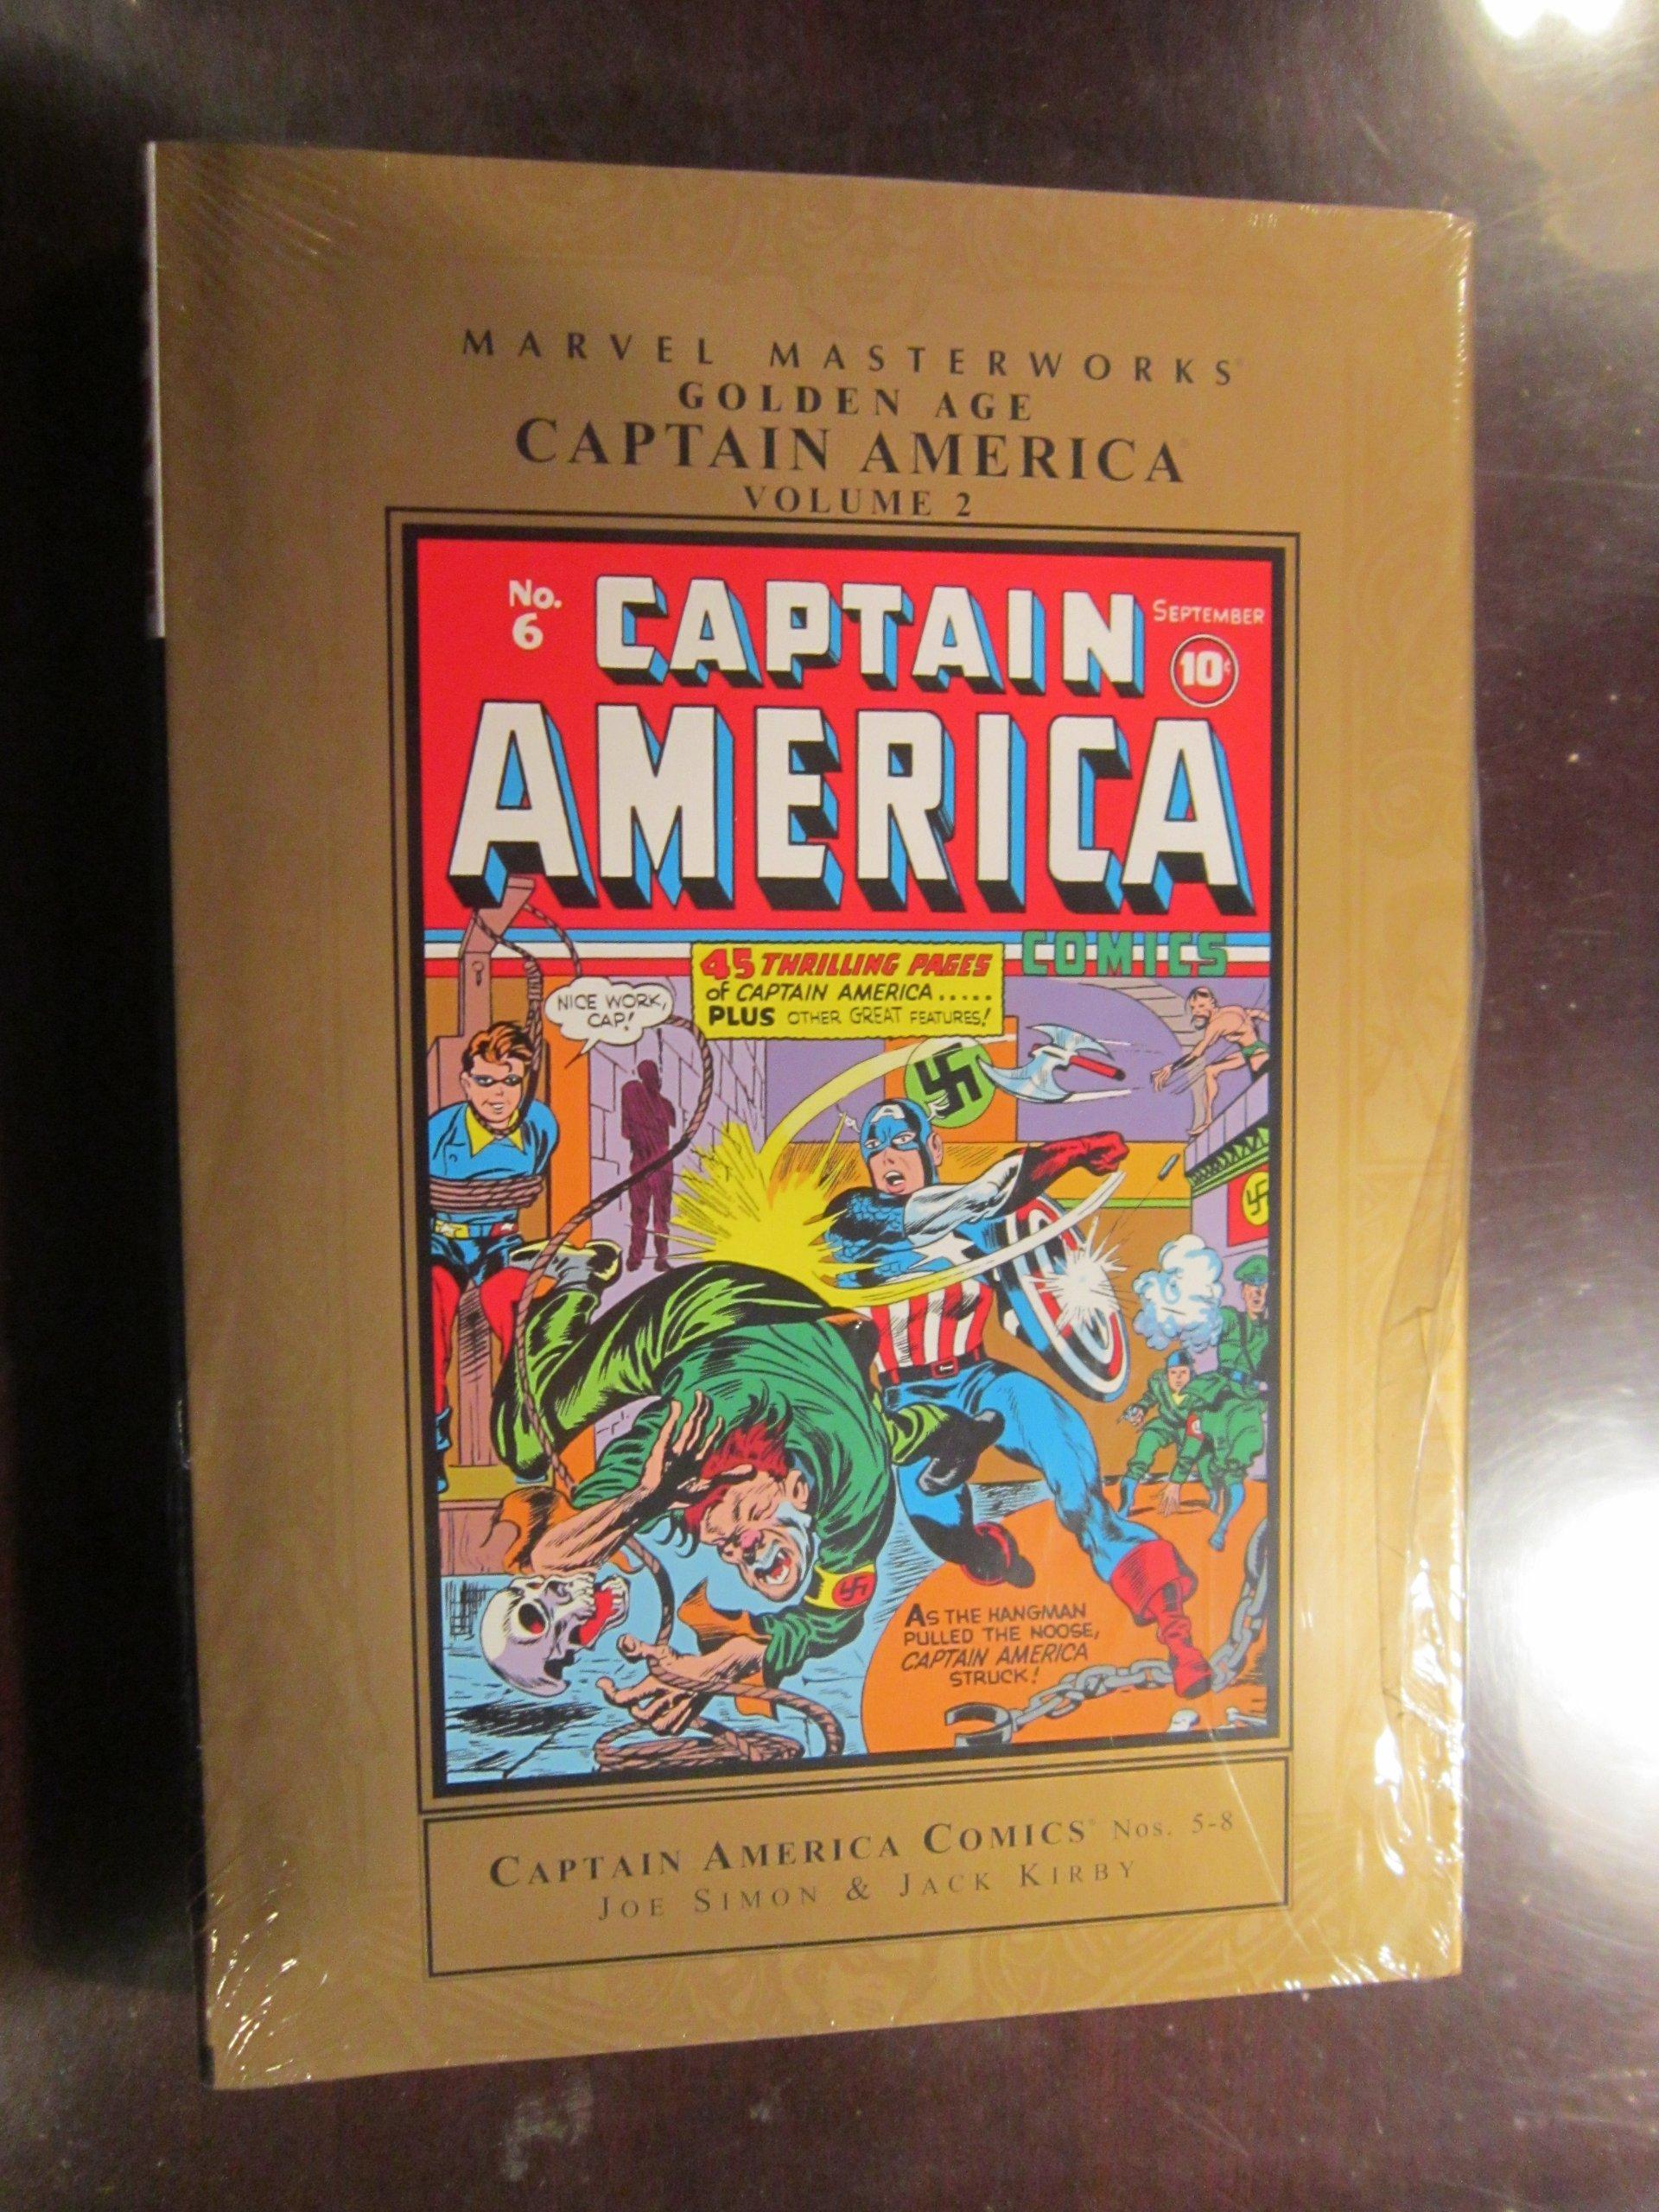 Download Marvel Masterworks: Golden Age Captain America - Volume 2 ebook